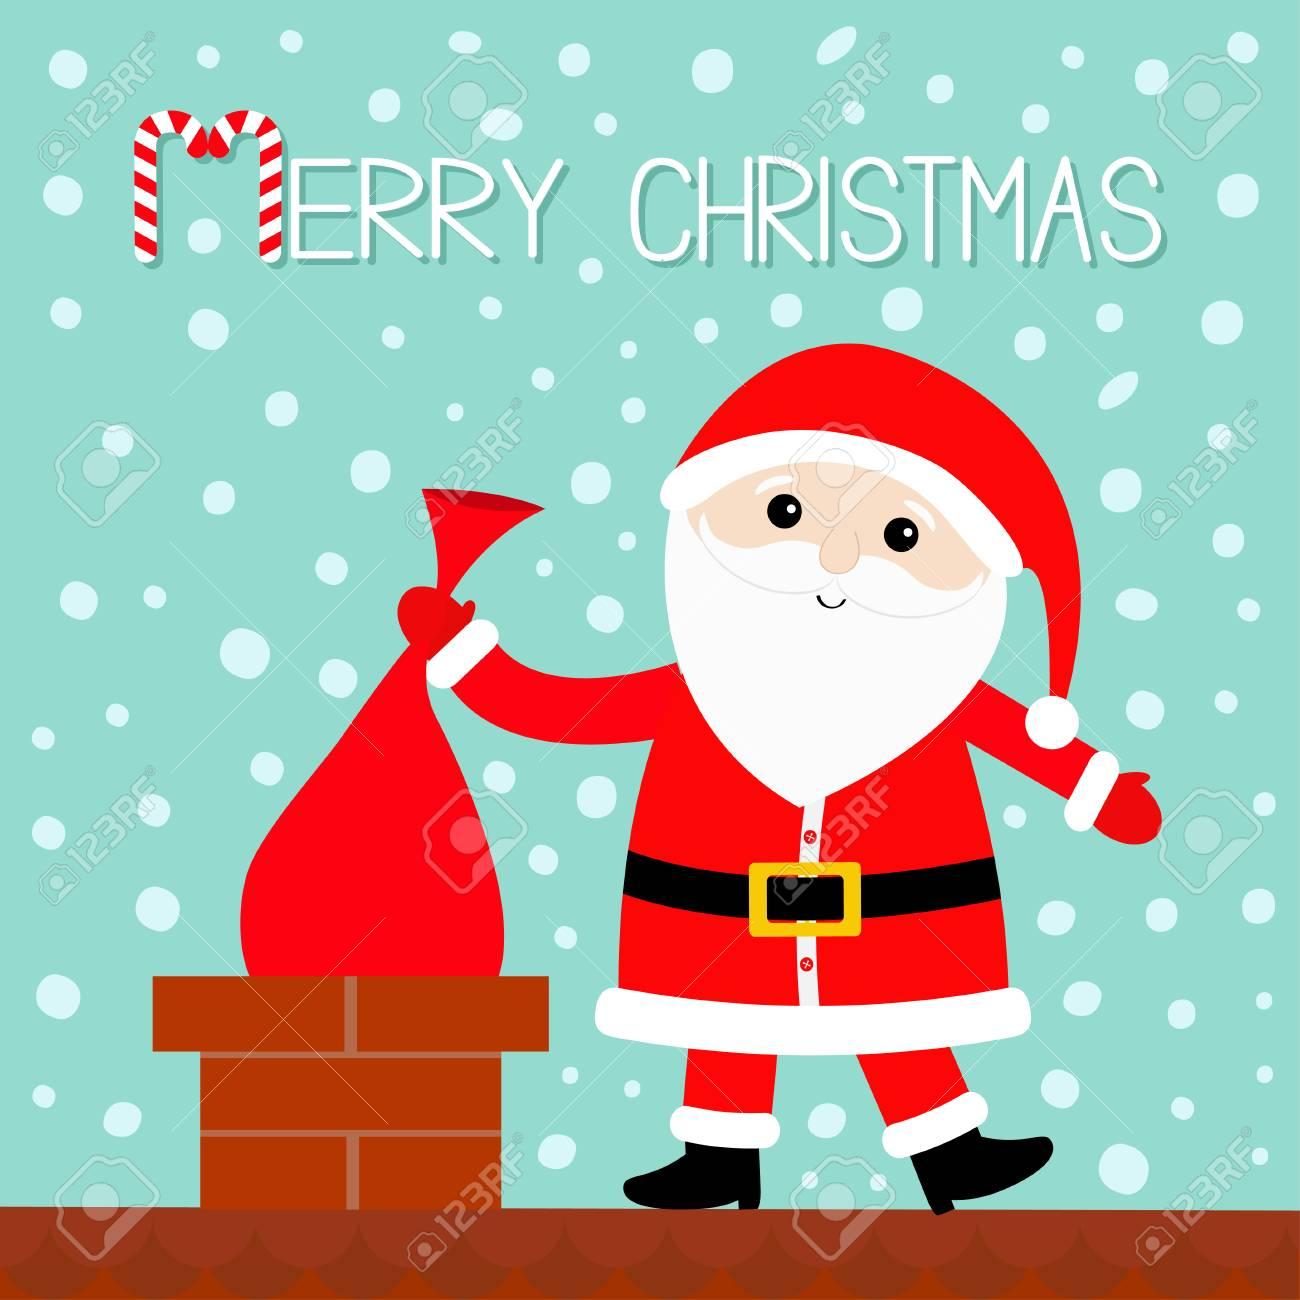 Père Noël Sur Le Toit Mettant Sac Cadeau Dans La Cheminée Chapeau